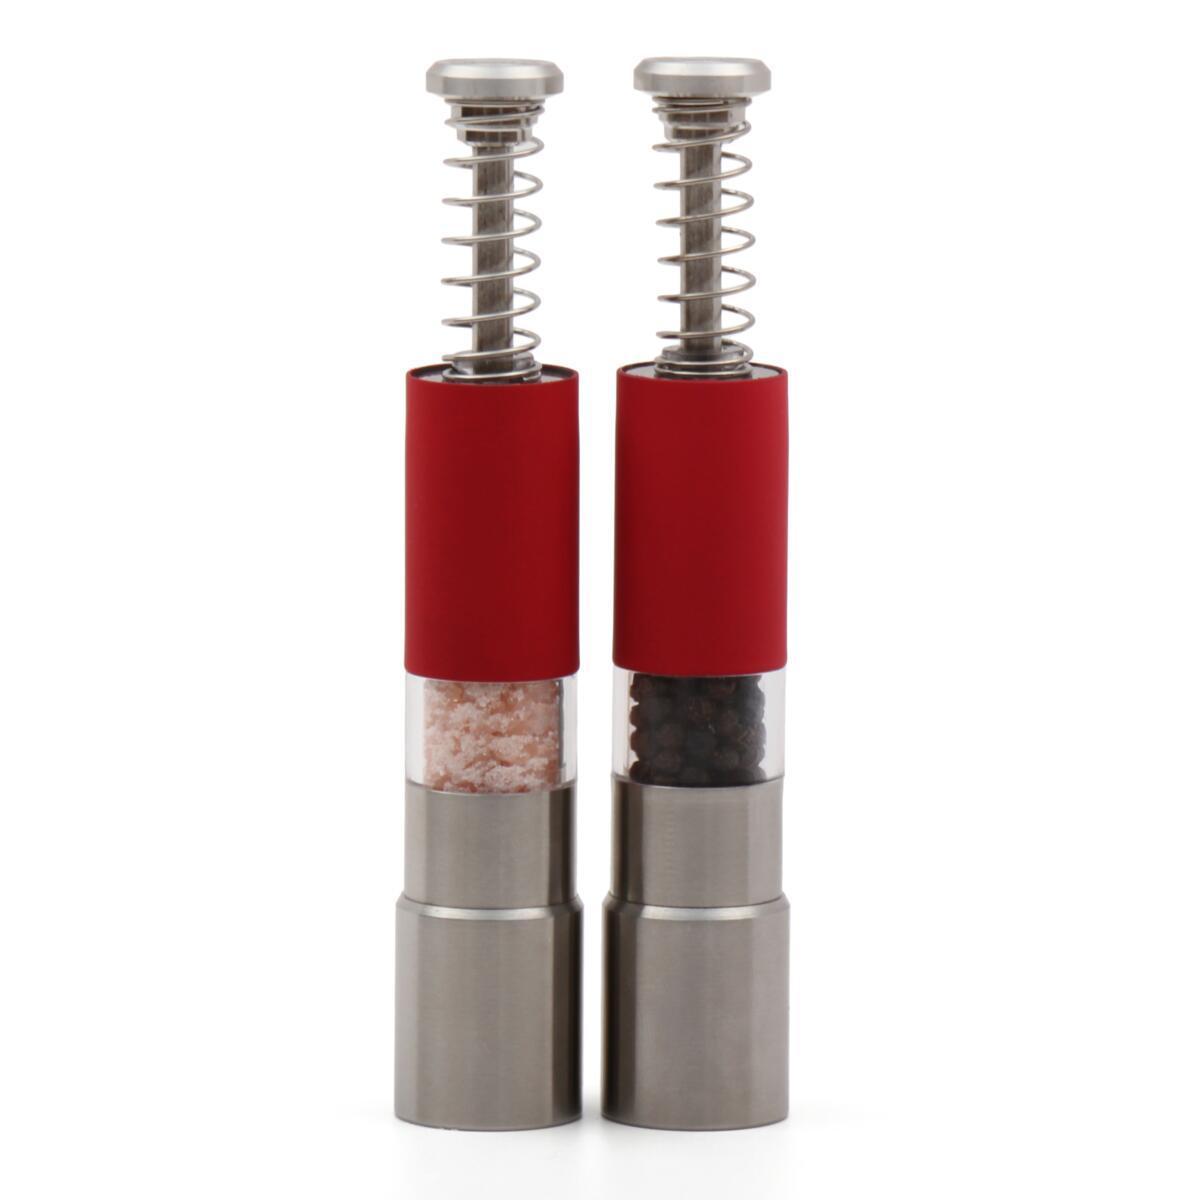 Eparé Steel Spring Manual Mills (Set of 2) (Red)